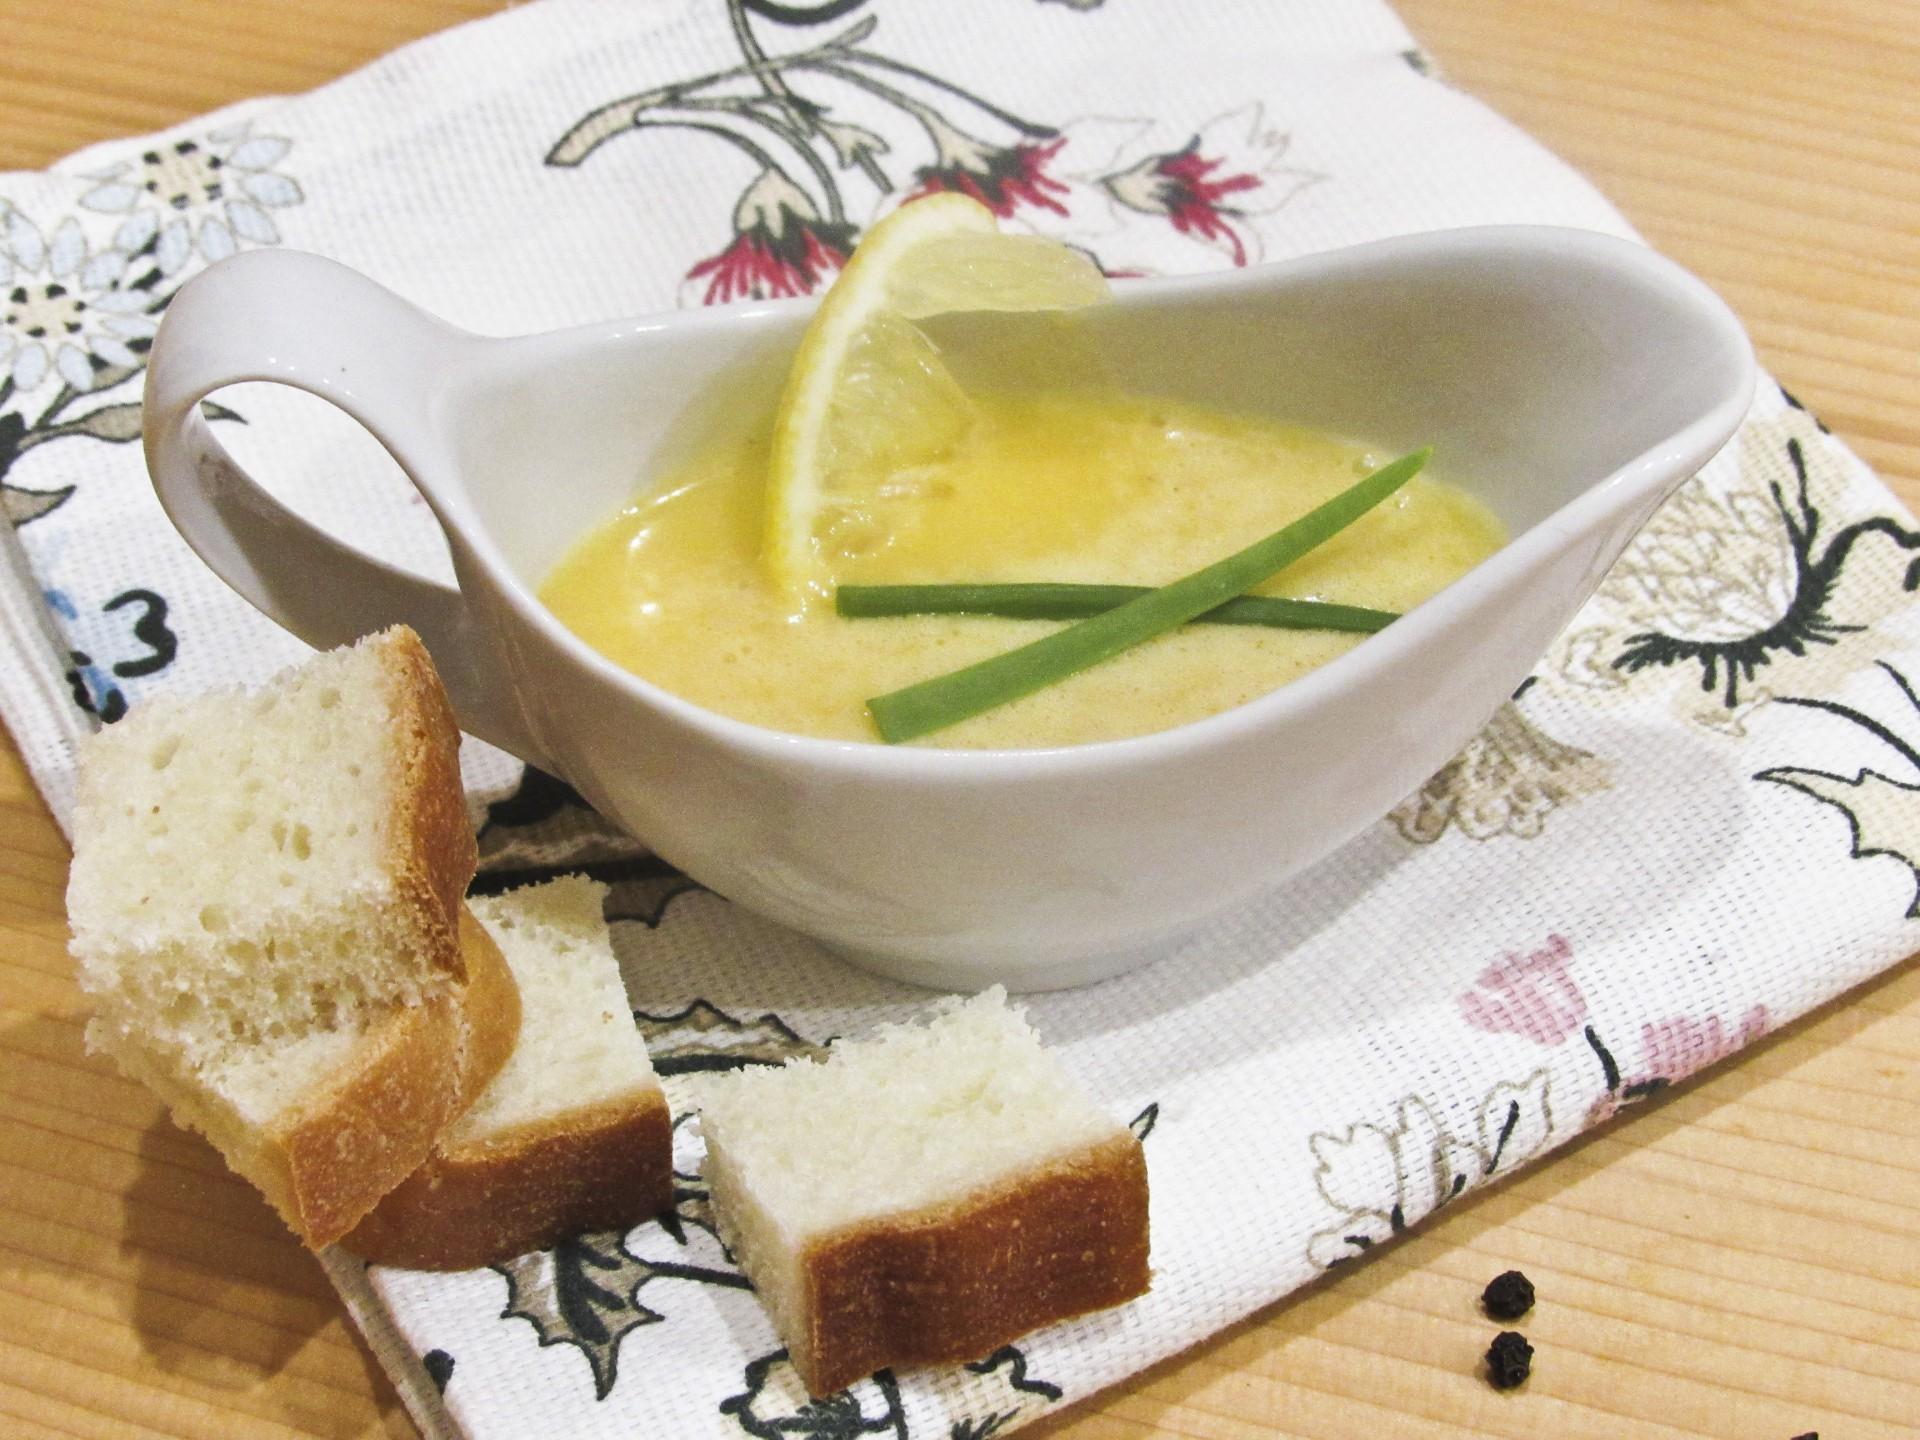 Голландский соус французской высокой кухни